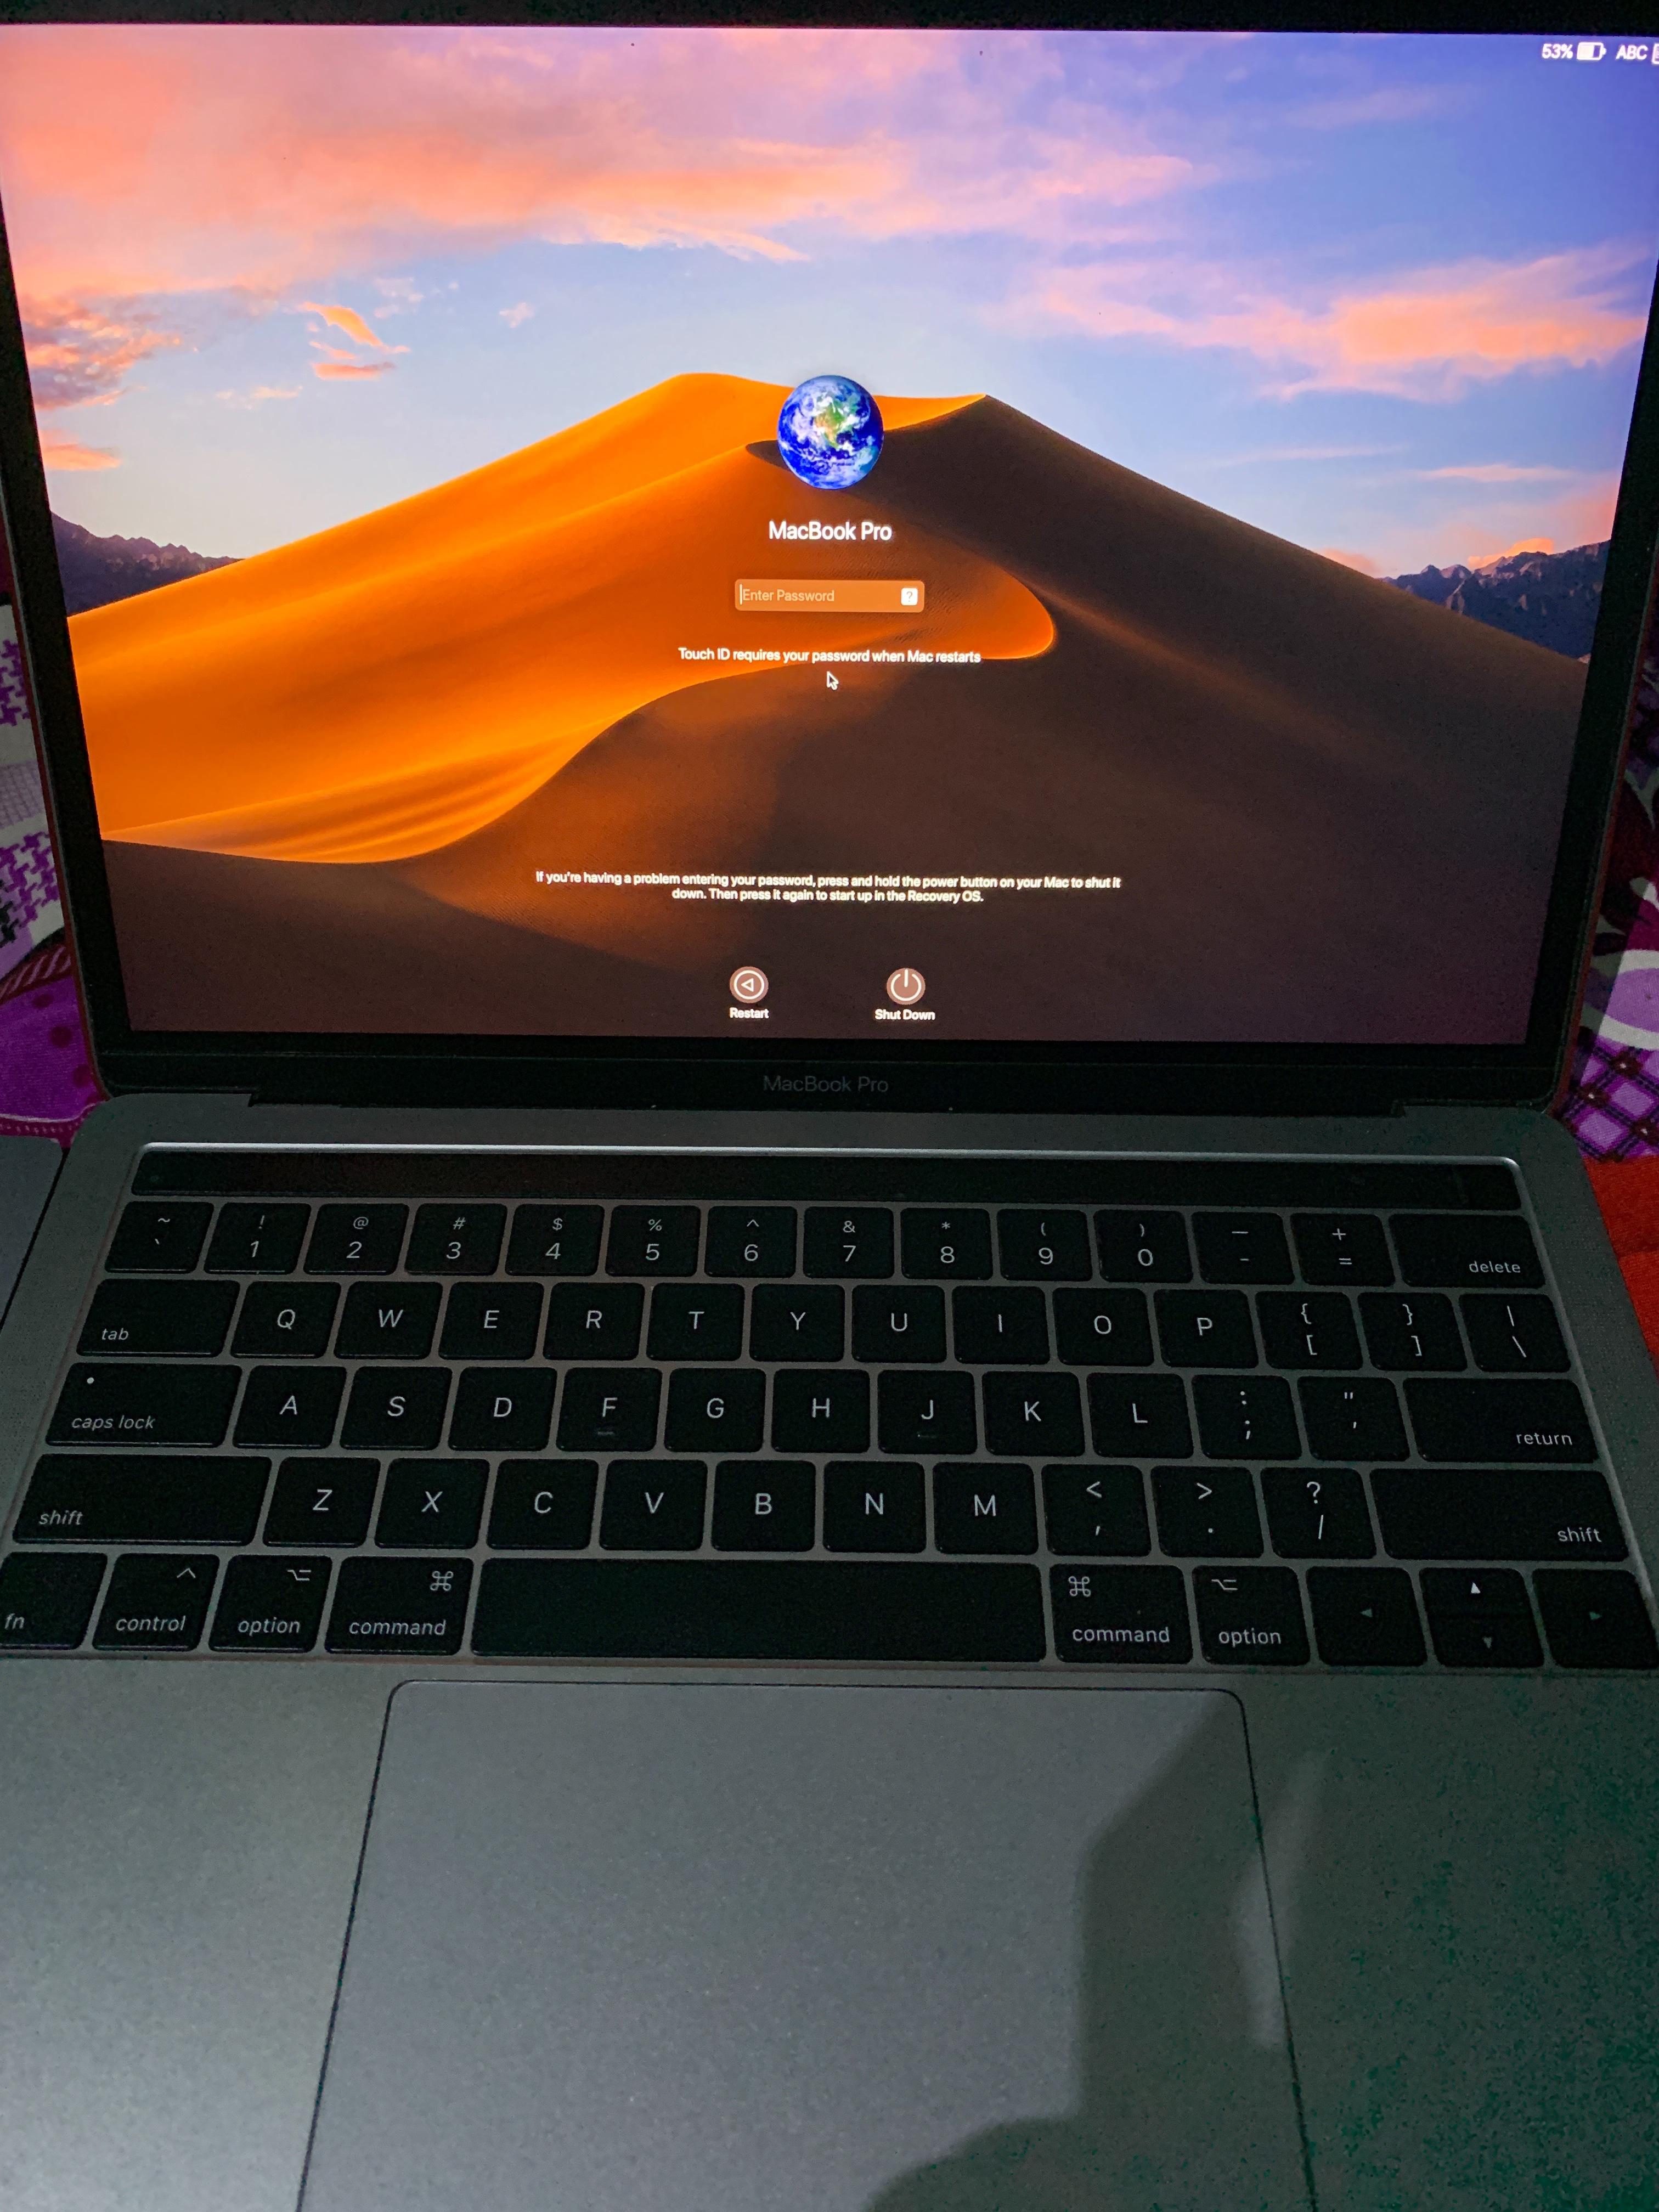 Keyboard not working - Apple Community